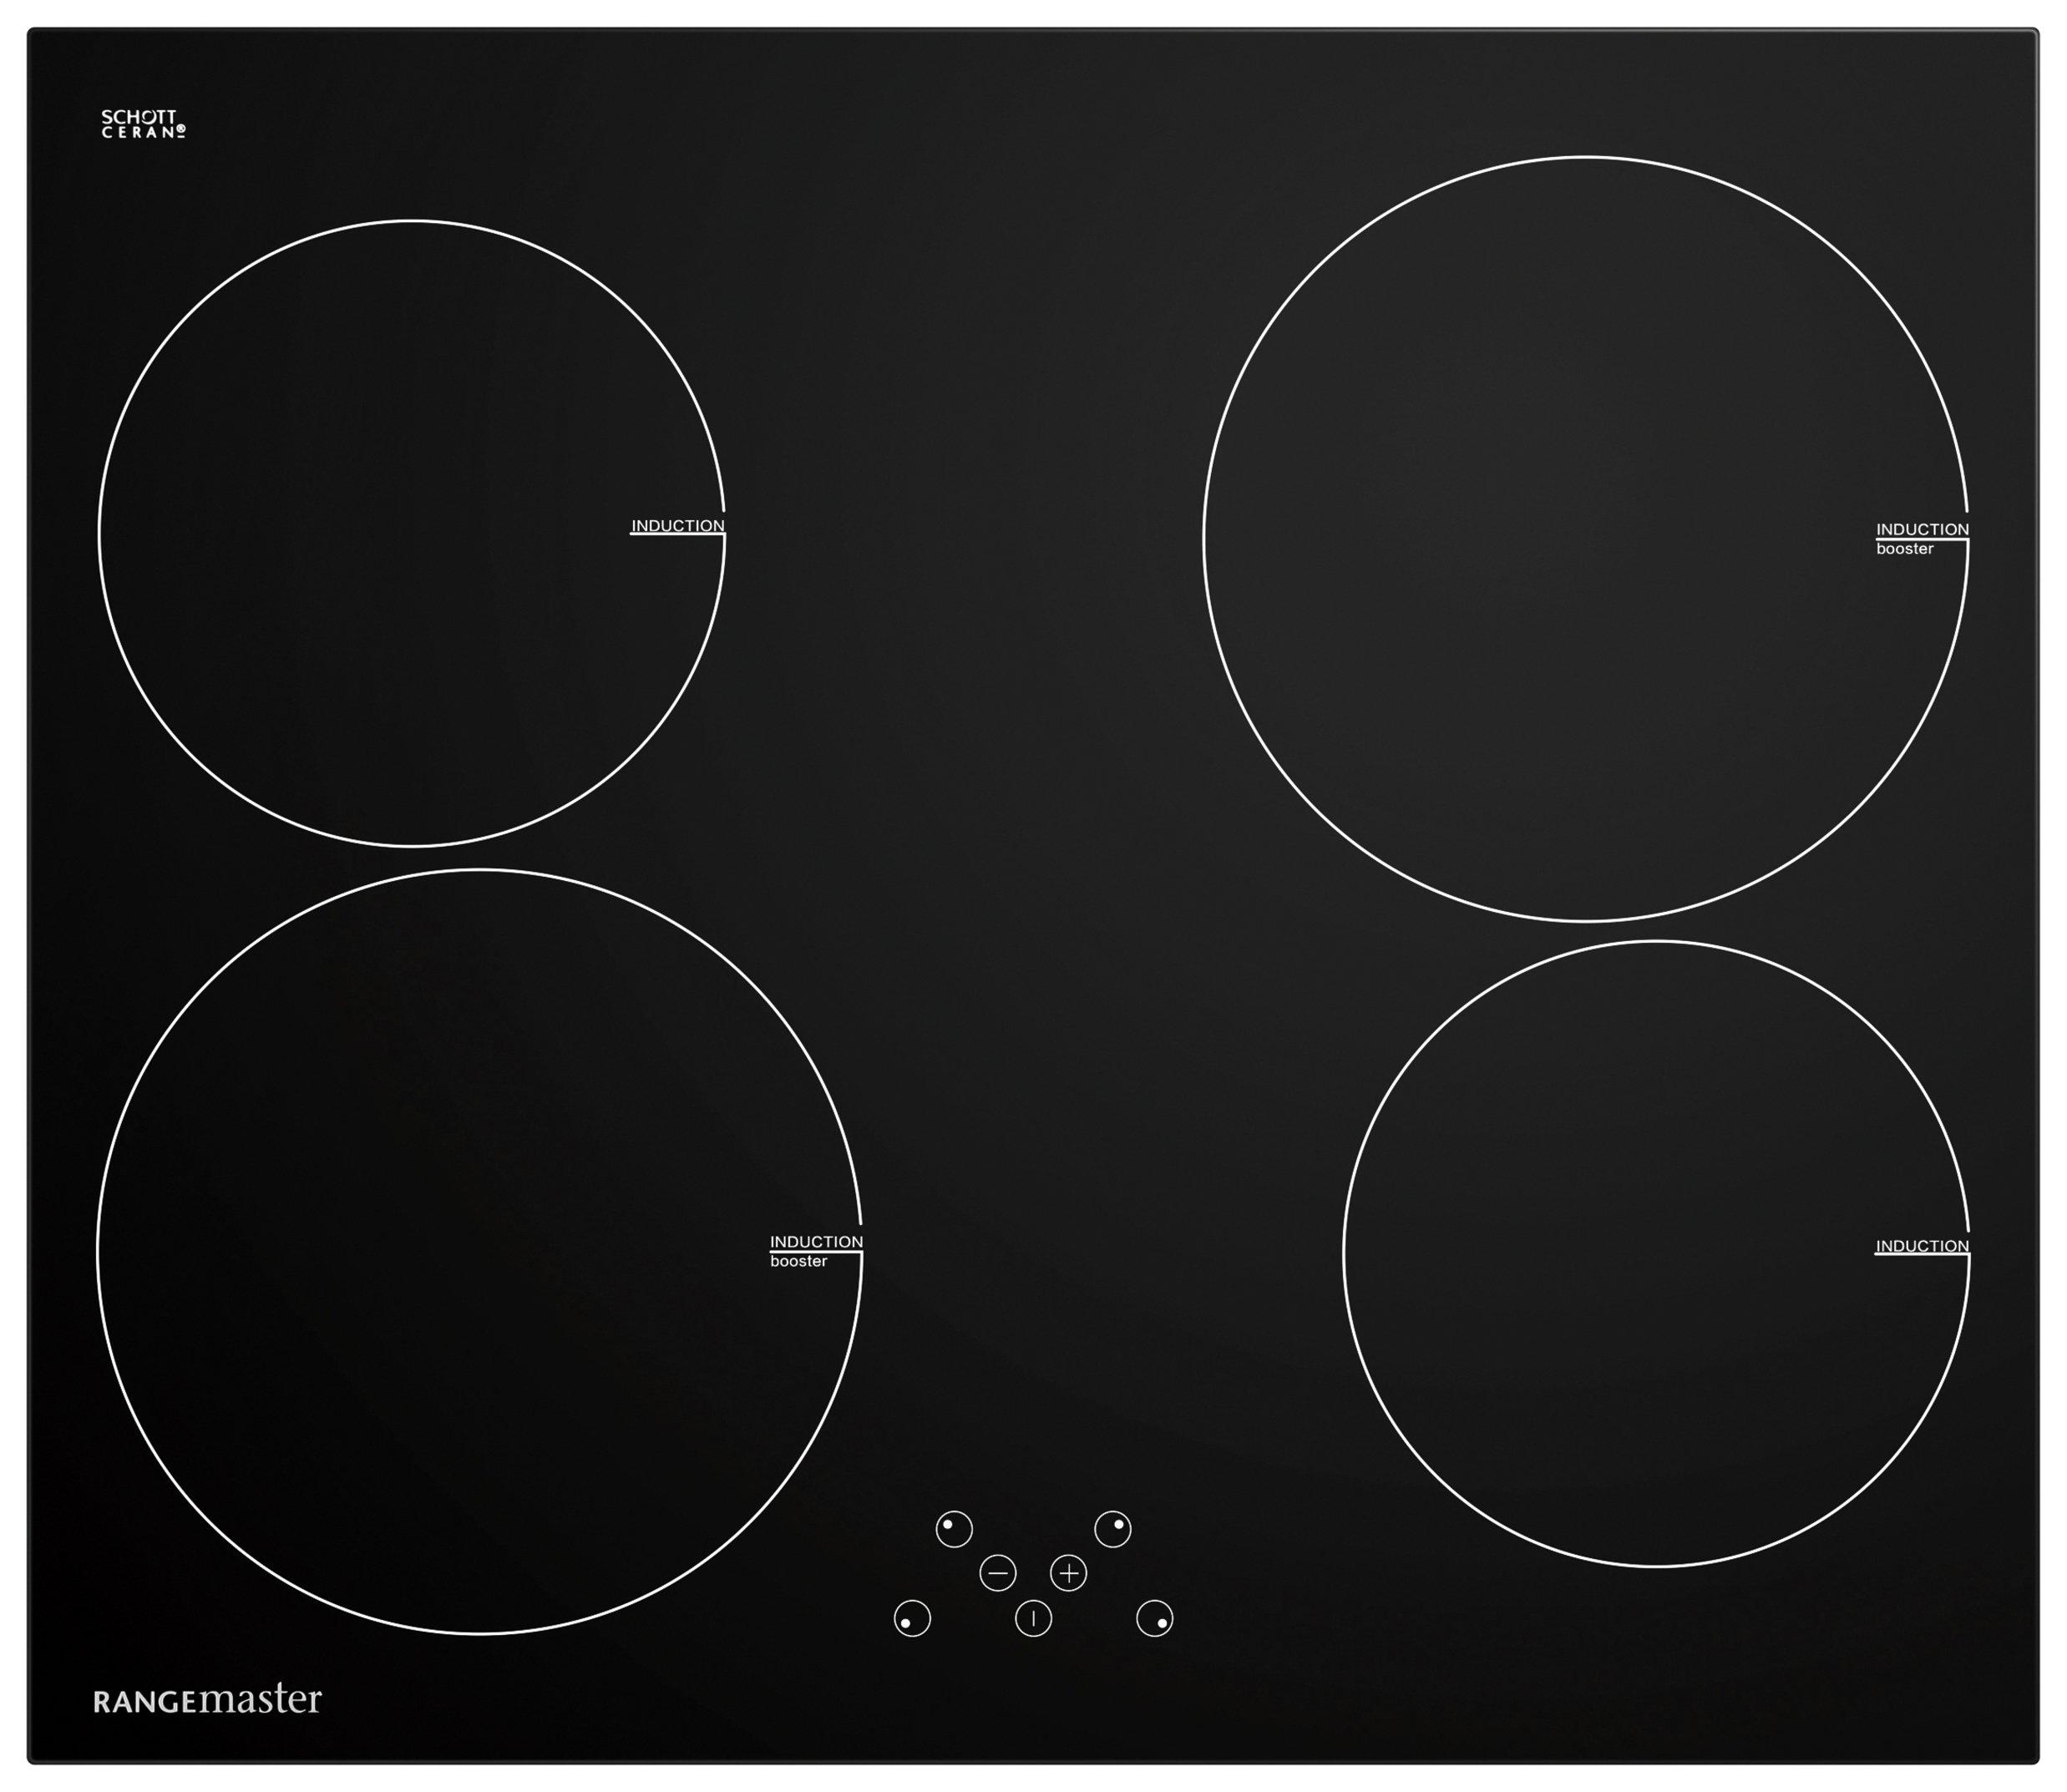 Rangemaster - 4 Zone - Induction Hob - Black